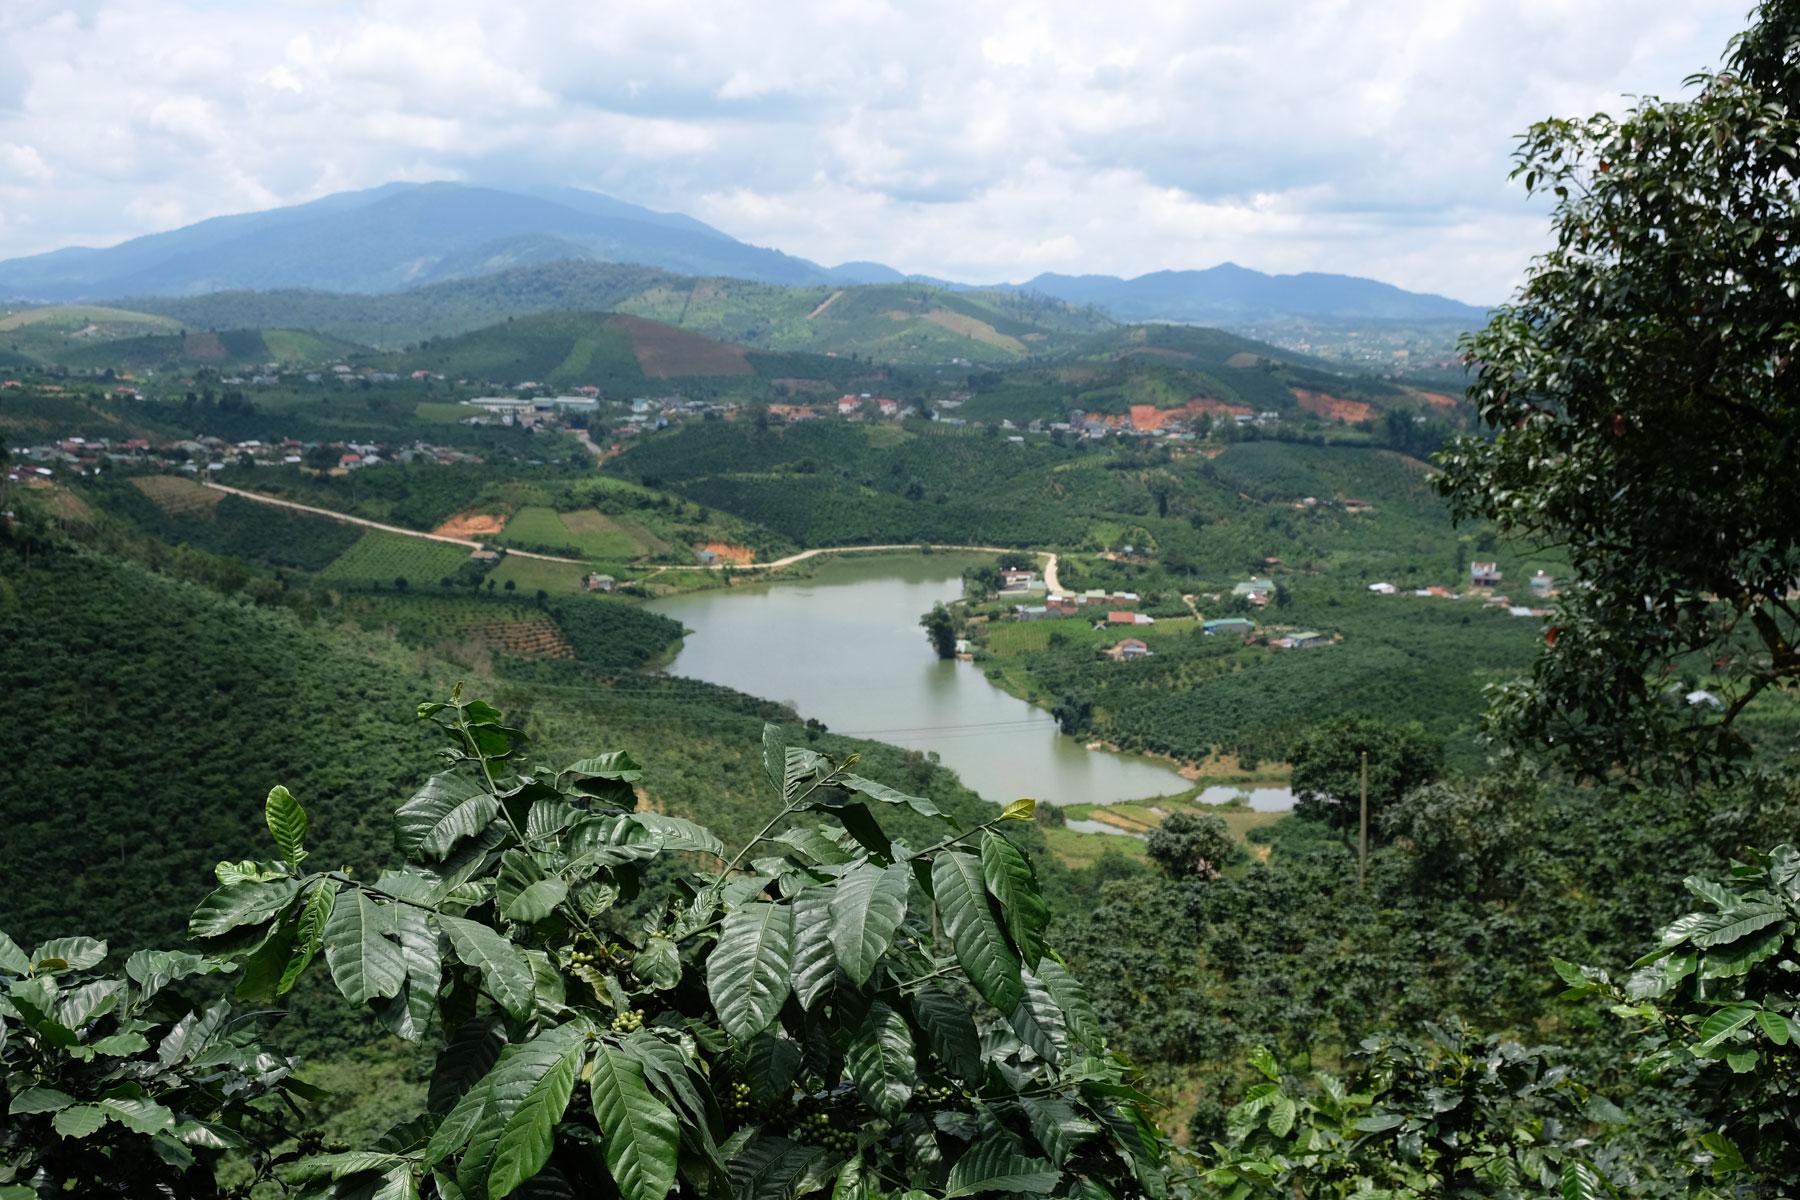 Vorne im Bild ist eine Kaffeeplanze zu sehen, dahinter ein See im Hochland Vietnams nahe der Stadt Dalat.